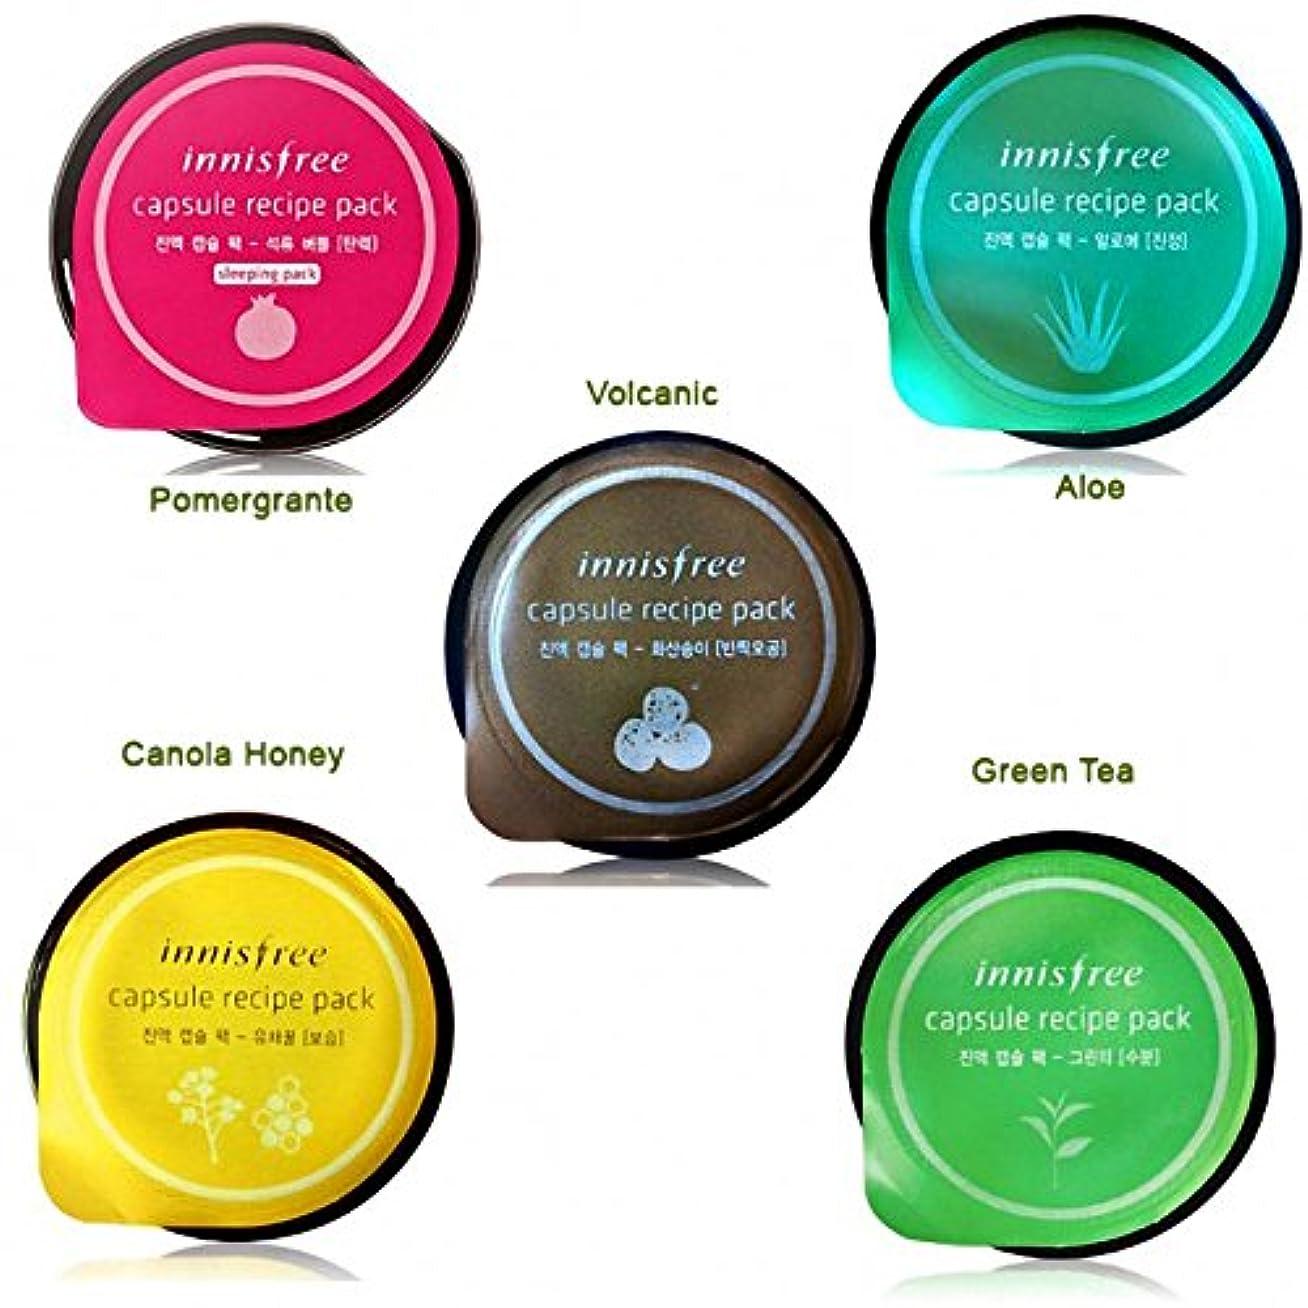 確かに明日可塑性イニスフリー Innisfree 津液 カプセルパックセット(10mlx5種類) Innisfree Capsule Recipe Pack Set(10mlx5Kinds)[海外直送品]